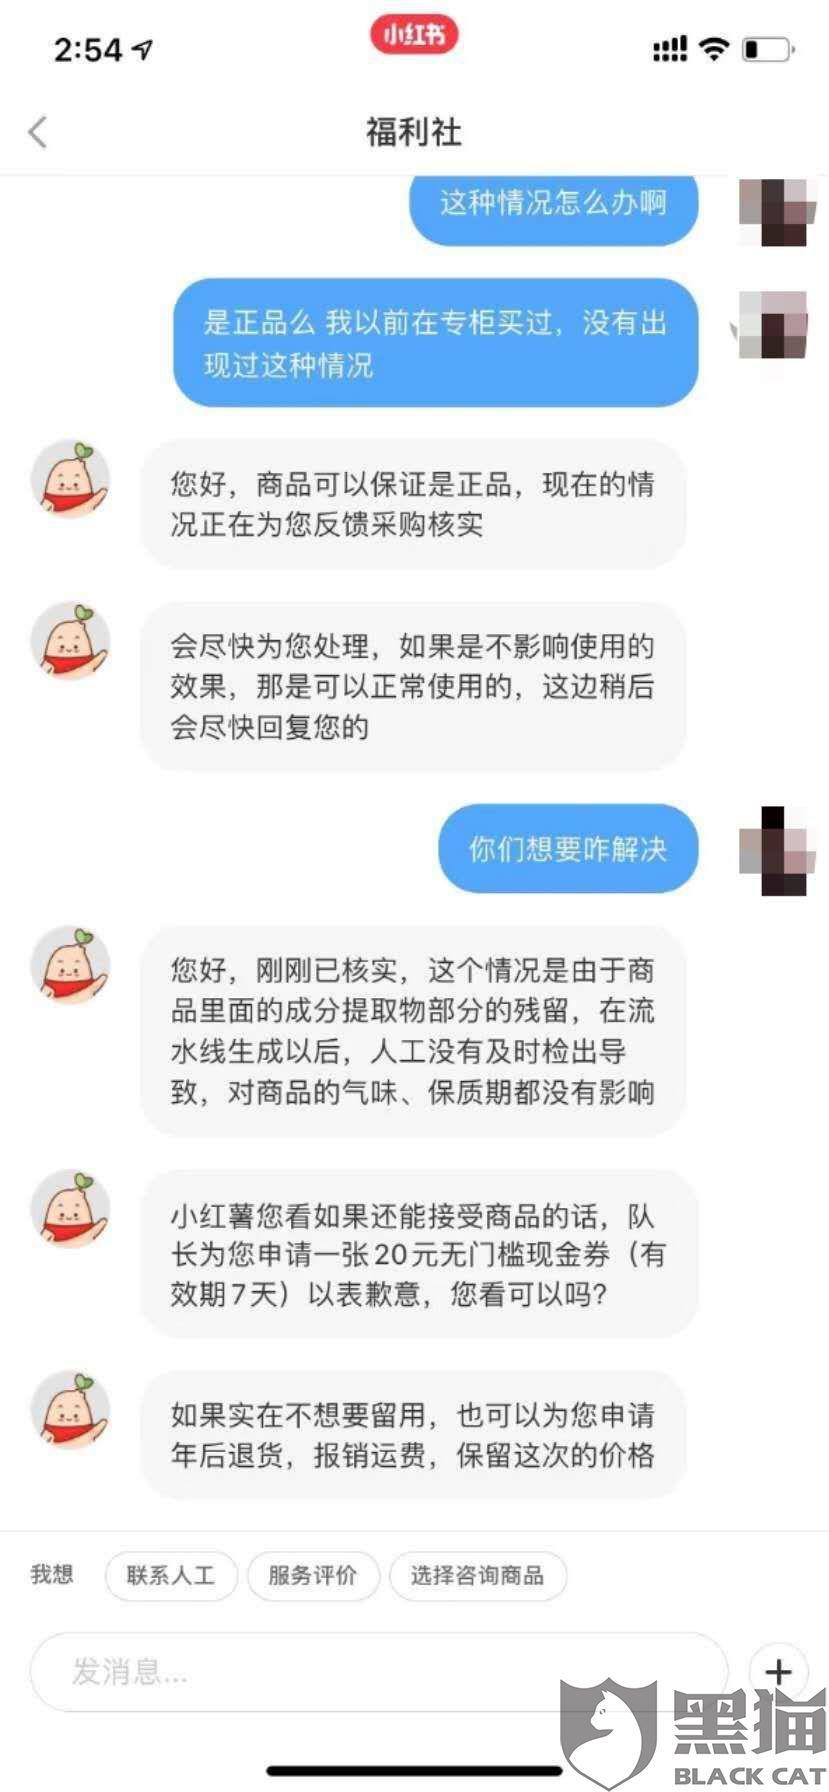 黑猫投诉:小红书自营平台宝格丽50ml男士淡香水